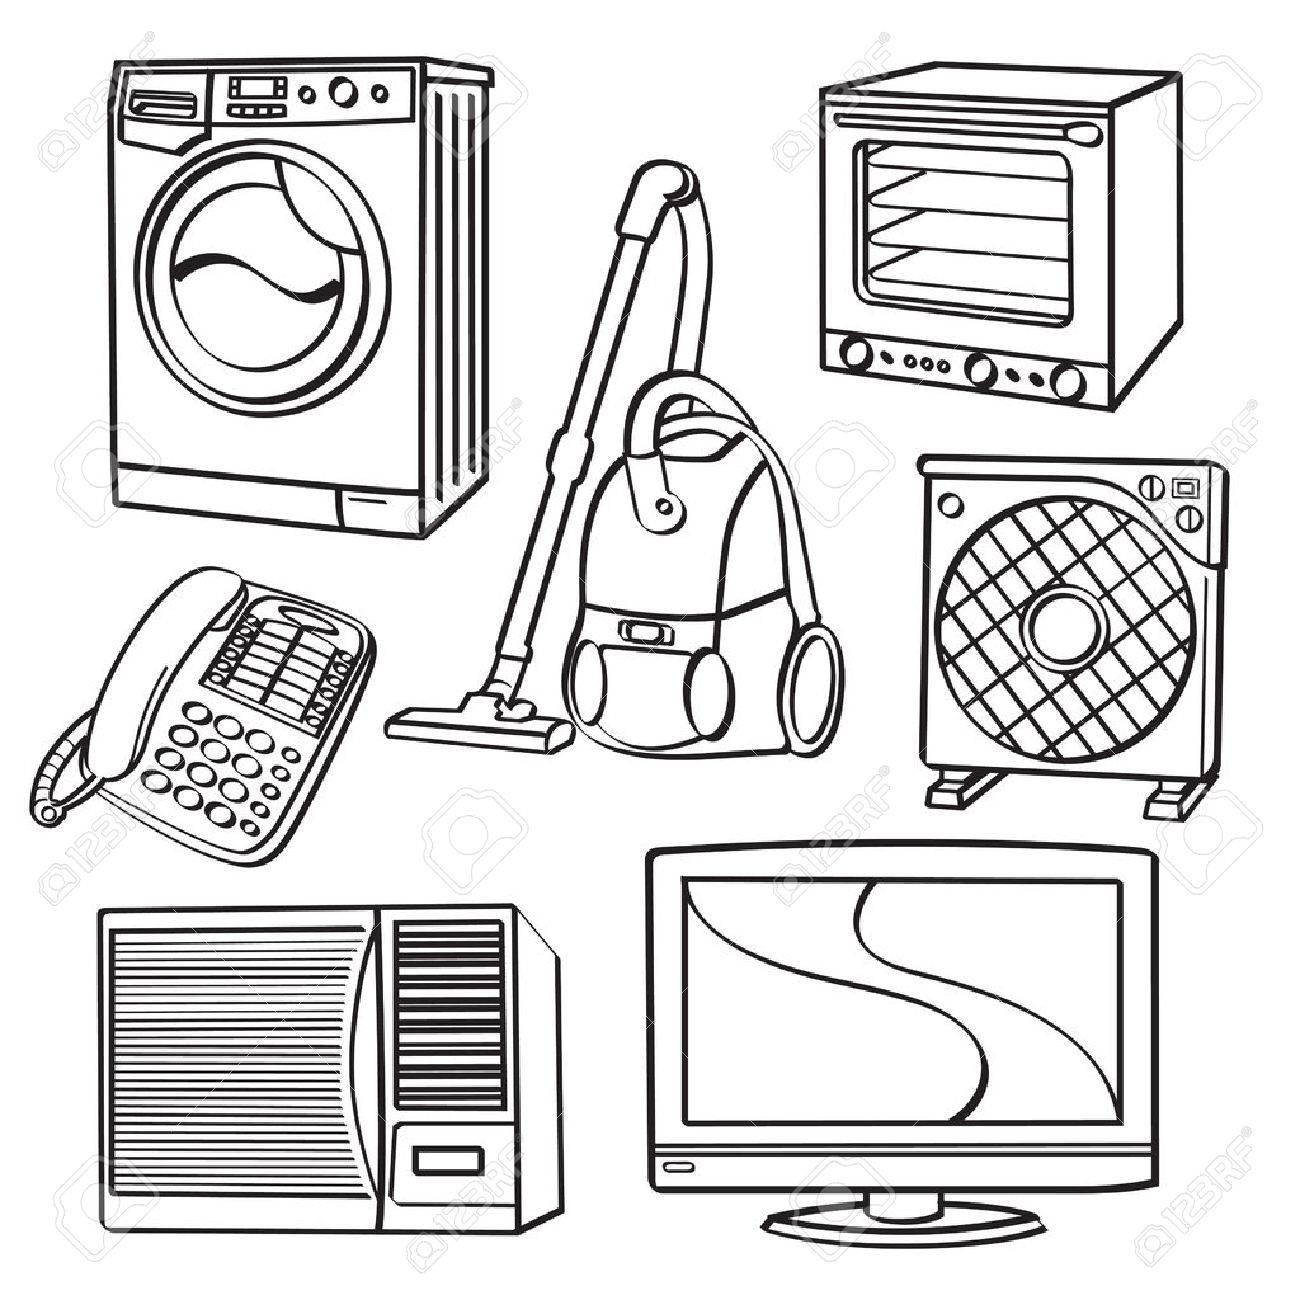 Elektrische Haushaltsgeräte Lizenzfrei Nutzbare Vektorgrafiken, Clip ...